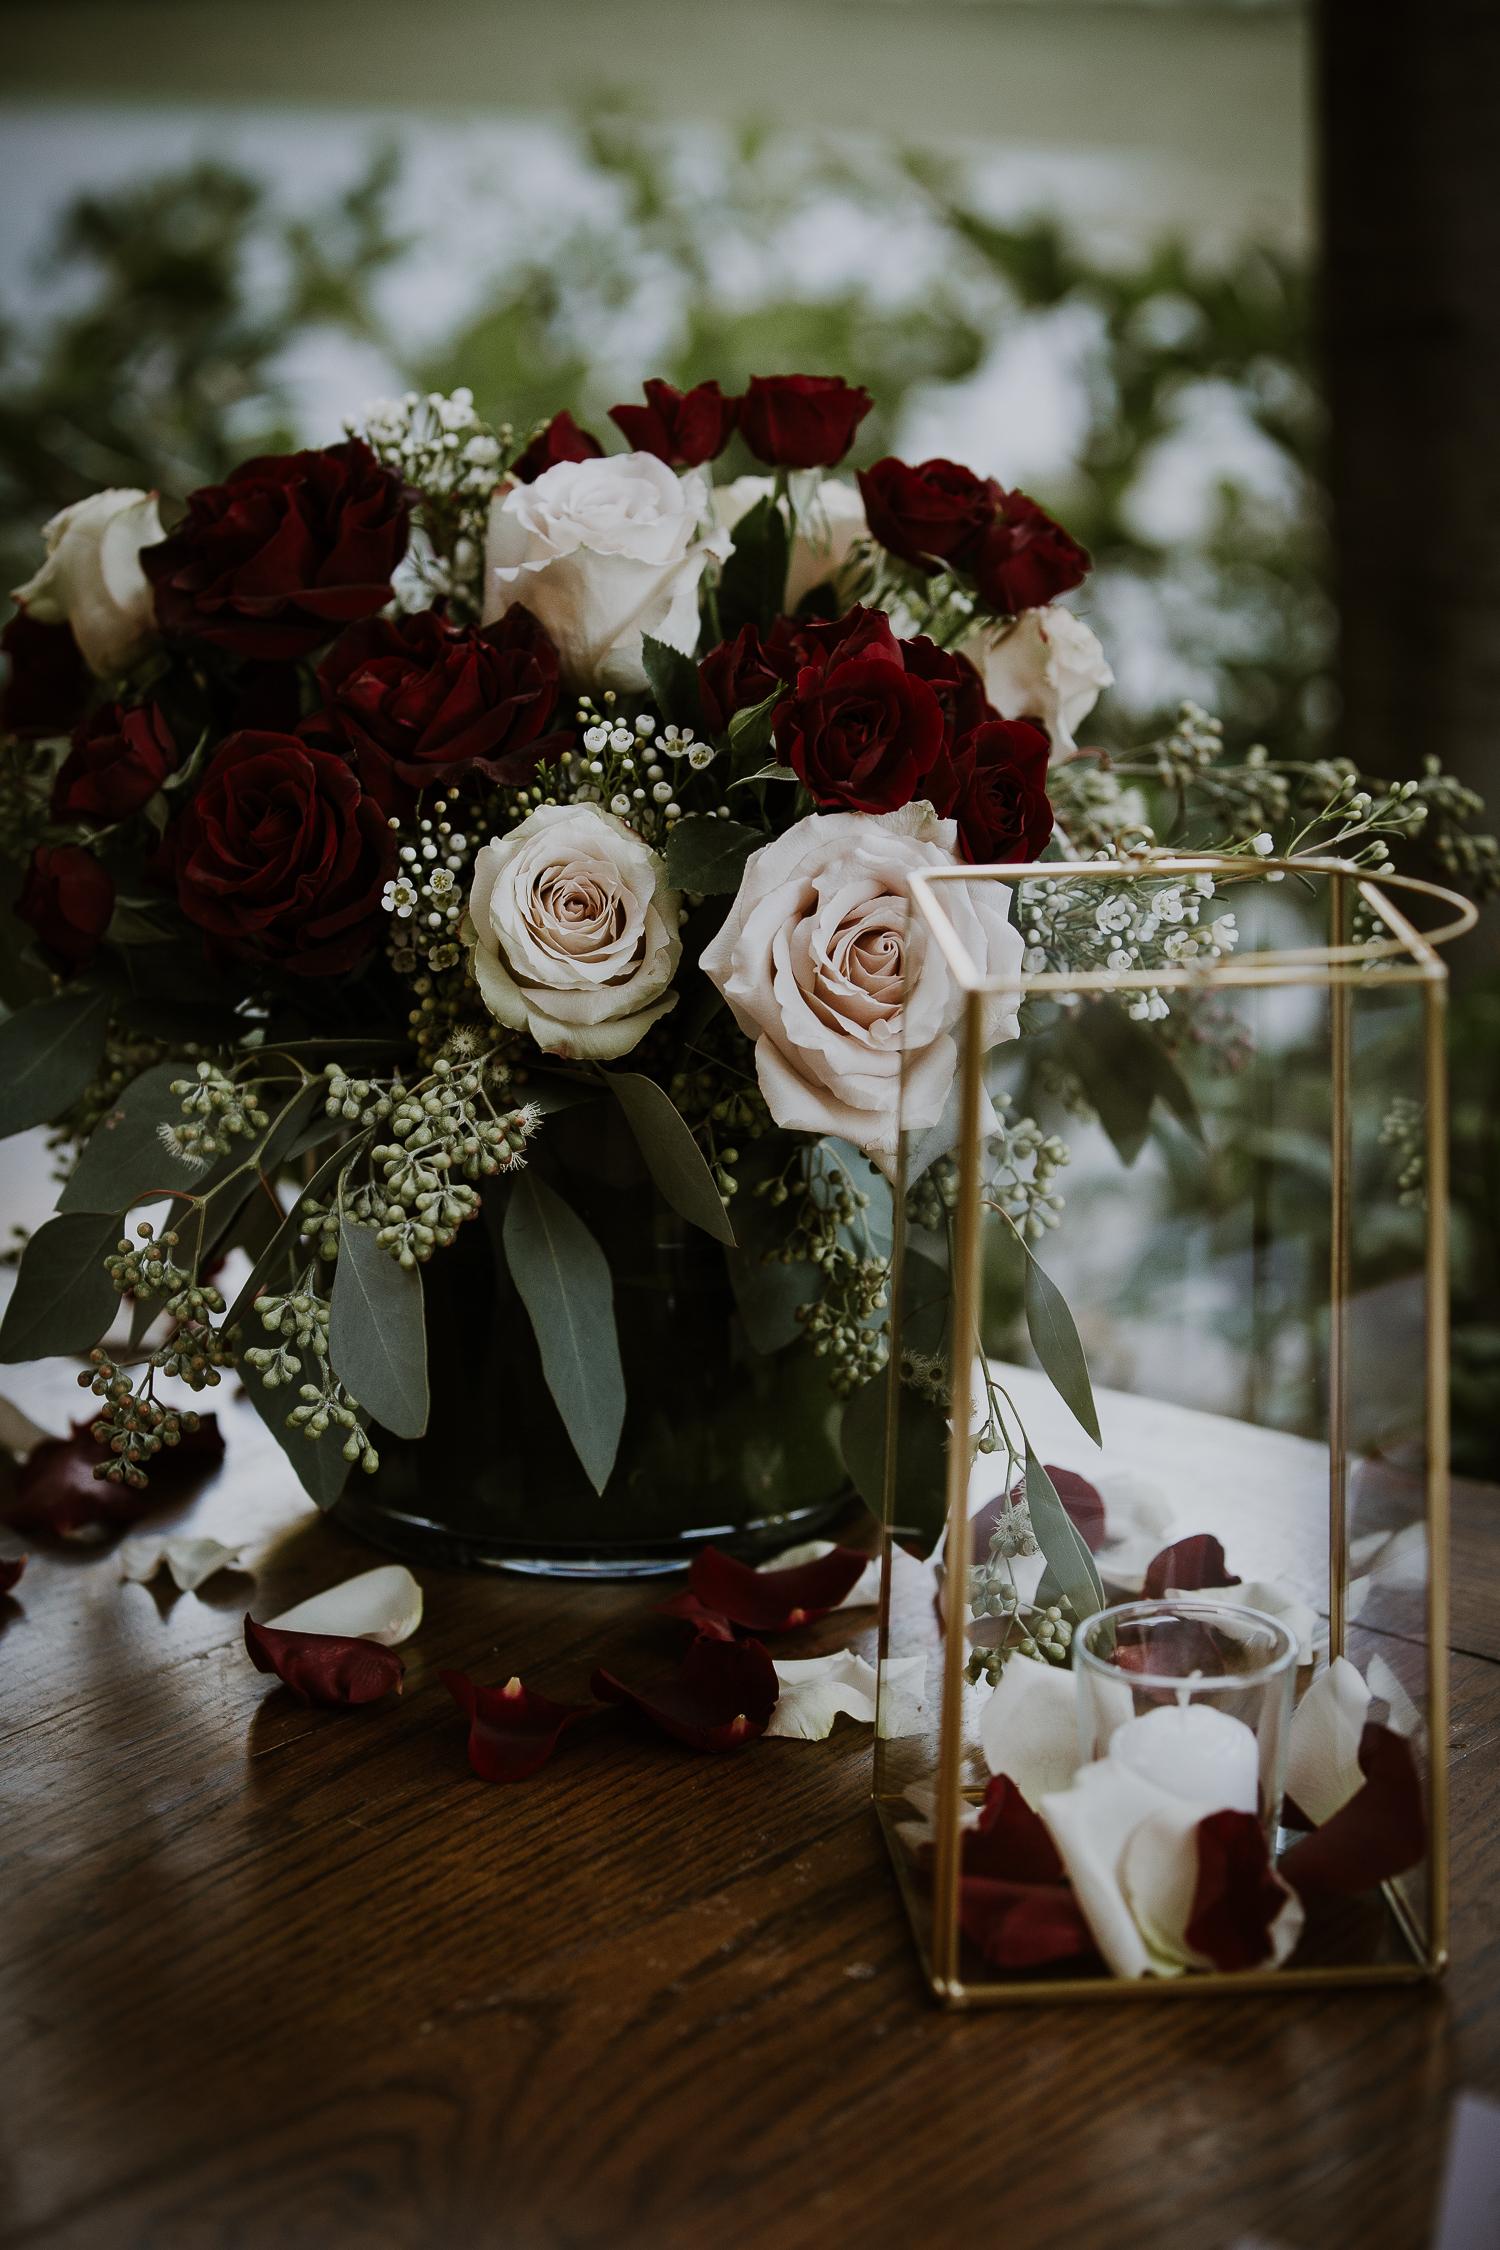 Bridgets-blooms-wedding-flowers